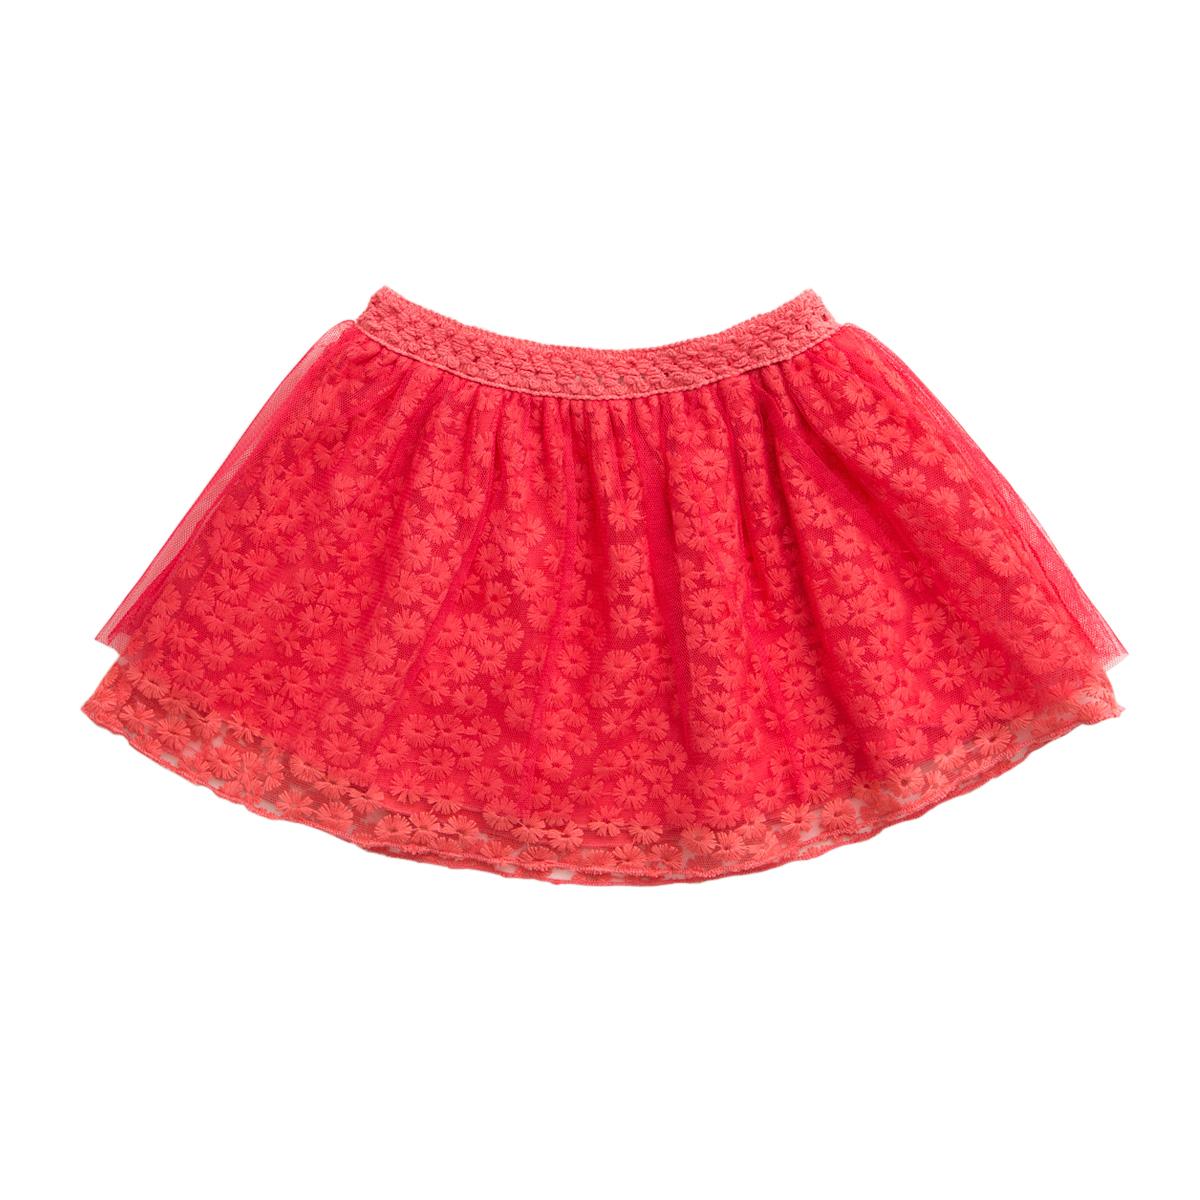 夏季女宝宝花纹裙子15810 红